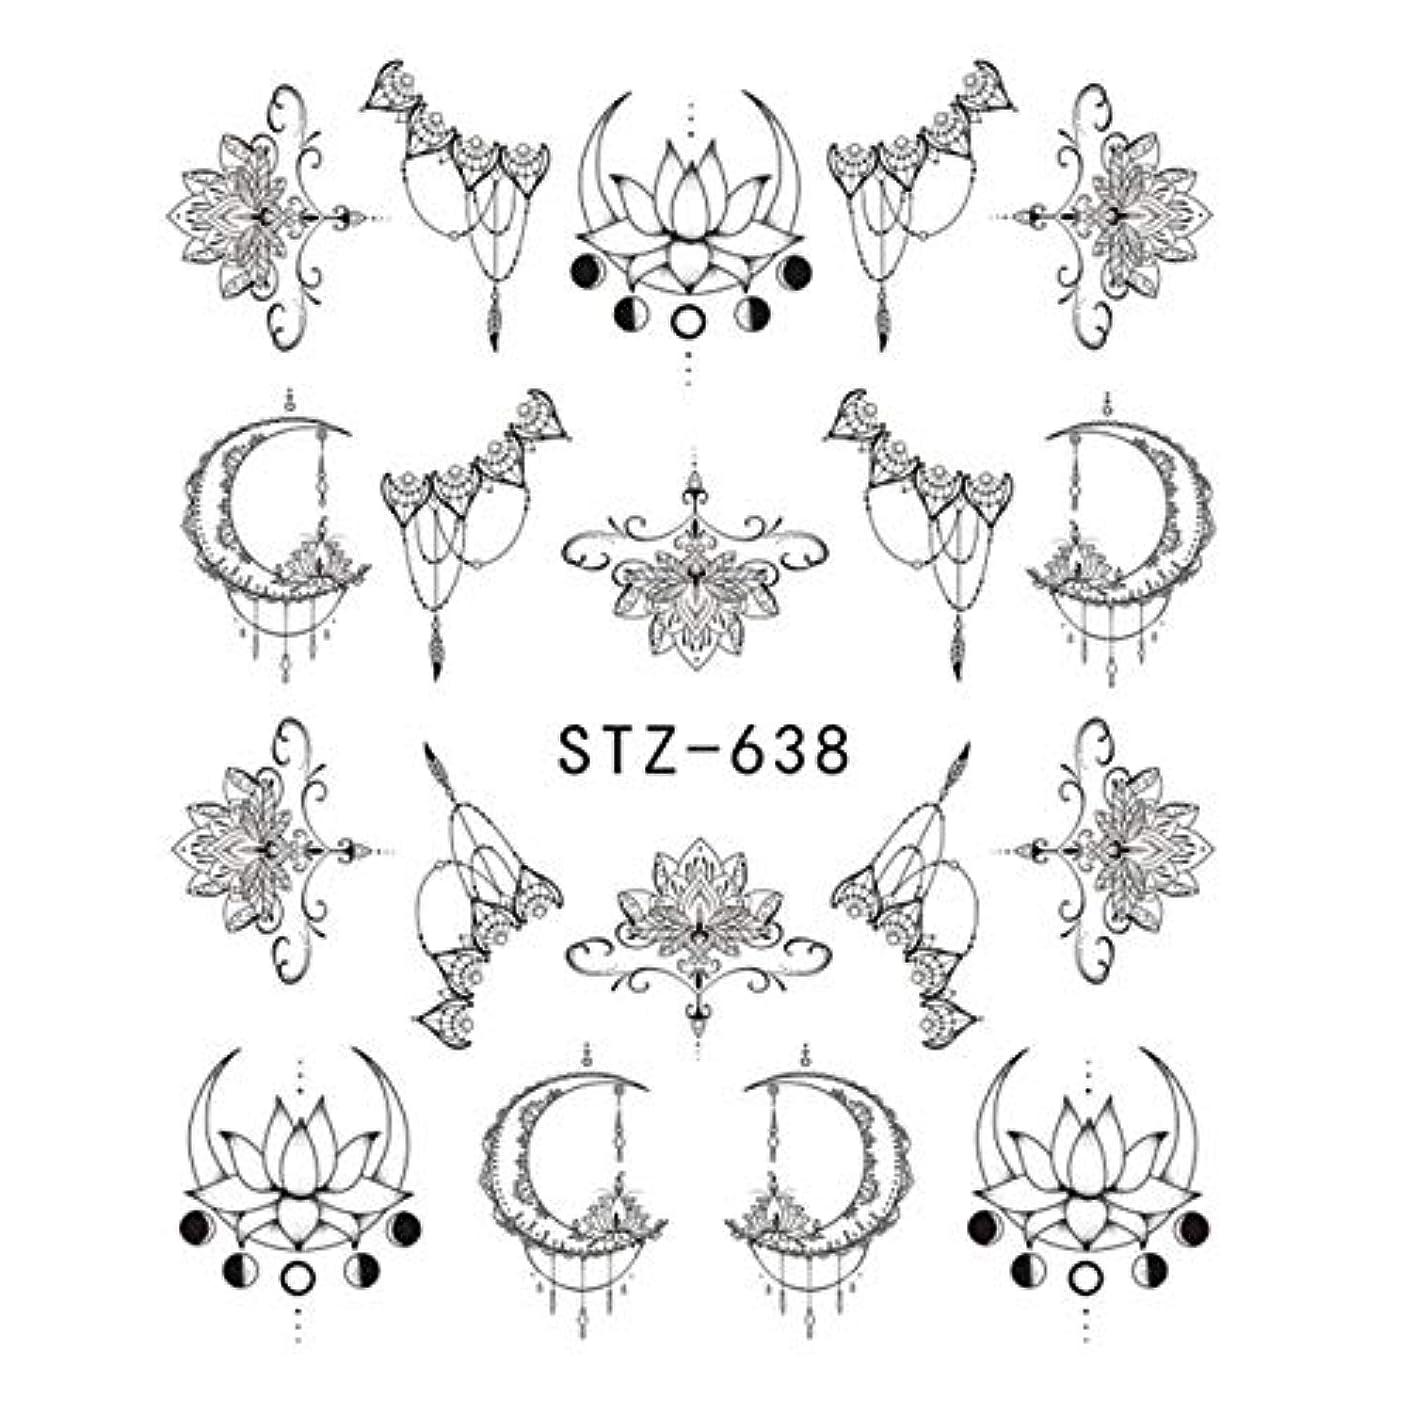 ためにレインコート趣味SUKTI&XIAO ネイルステッカー 1ピースネイルステッカーフラワーフレーク水転写デカールレトロブラック中空タトゥーラップネイルアート装飾マニキュア